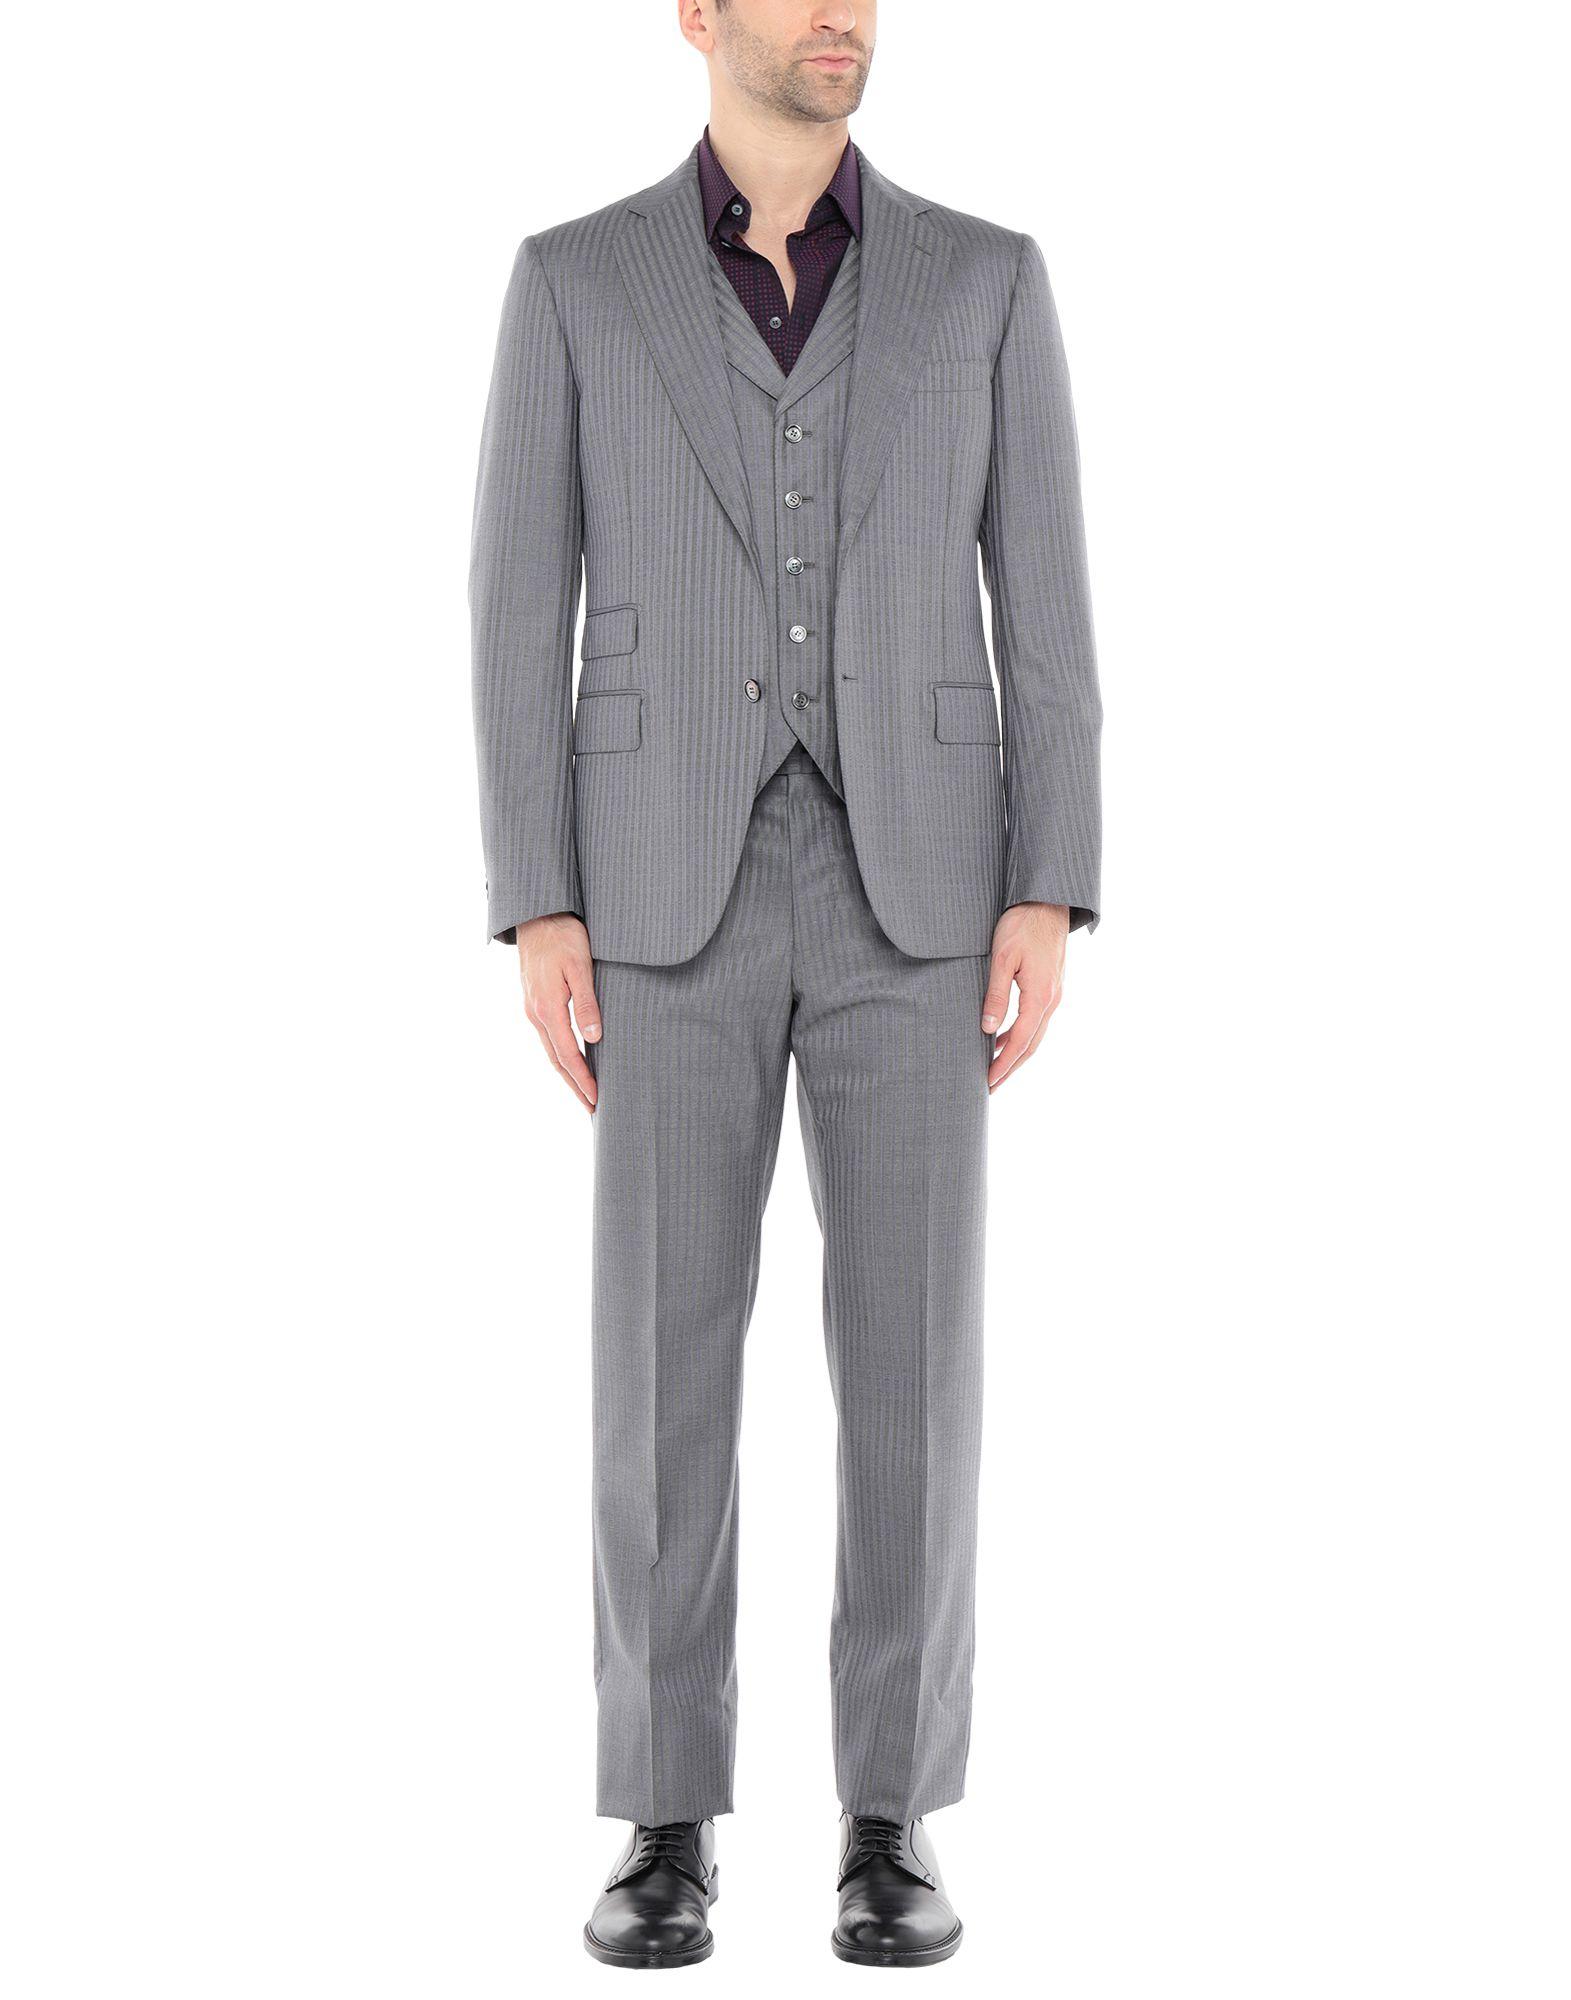 《送料無料》SARTORIA CASTANGIA メンズ スーツ グレー 50 ウール 98% / カシミヤ 2%